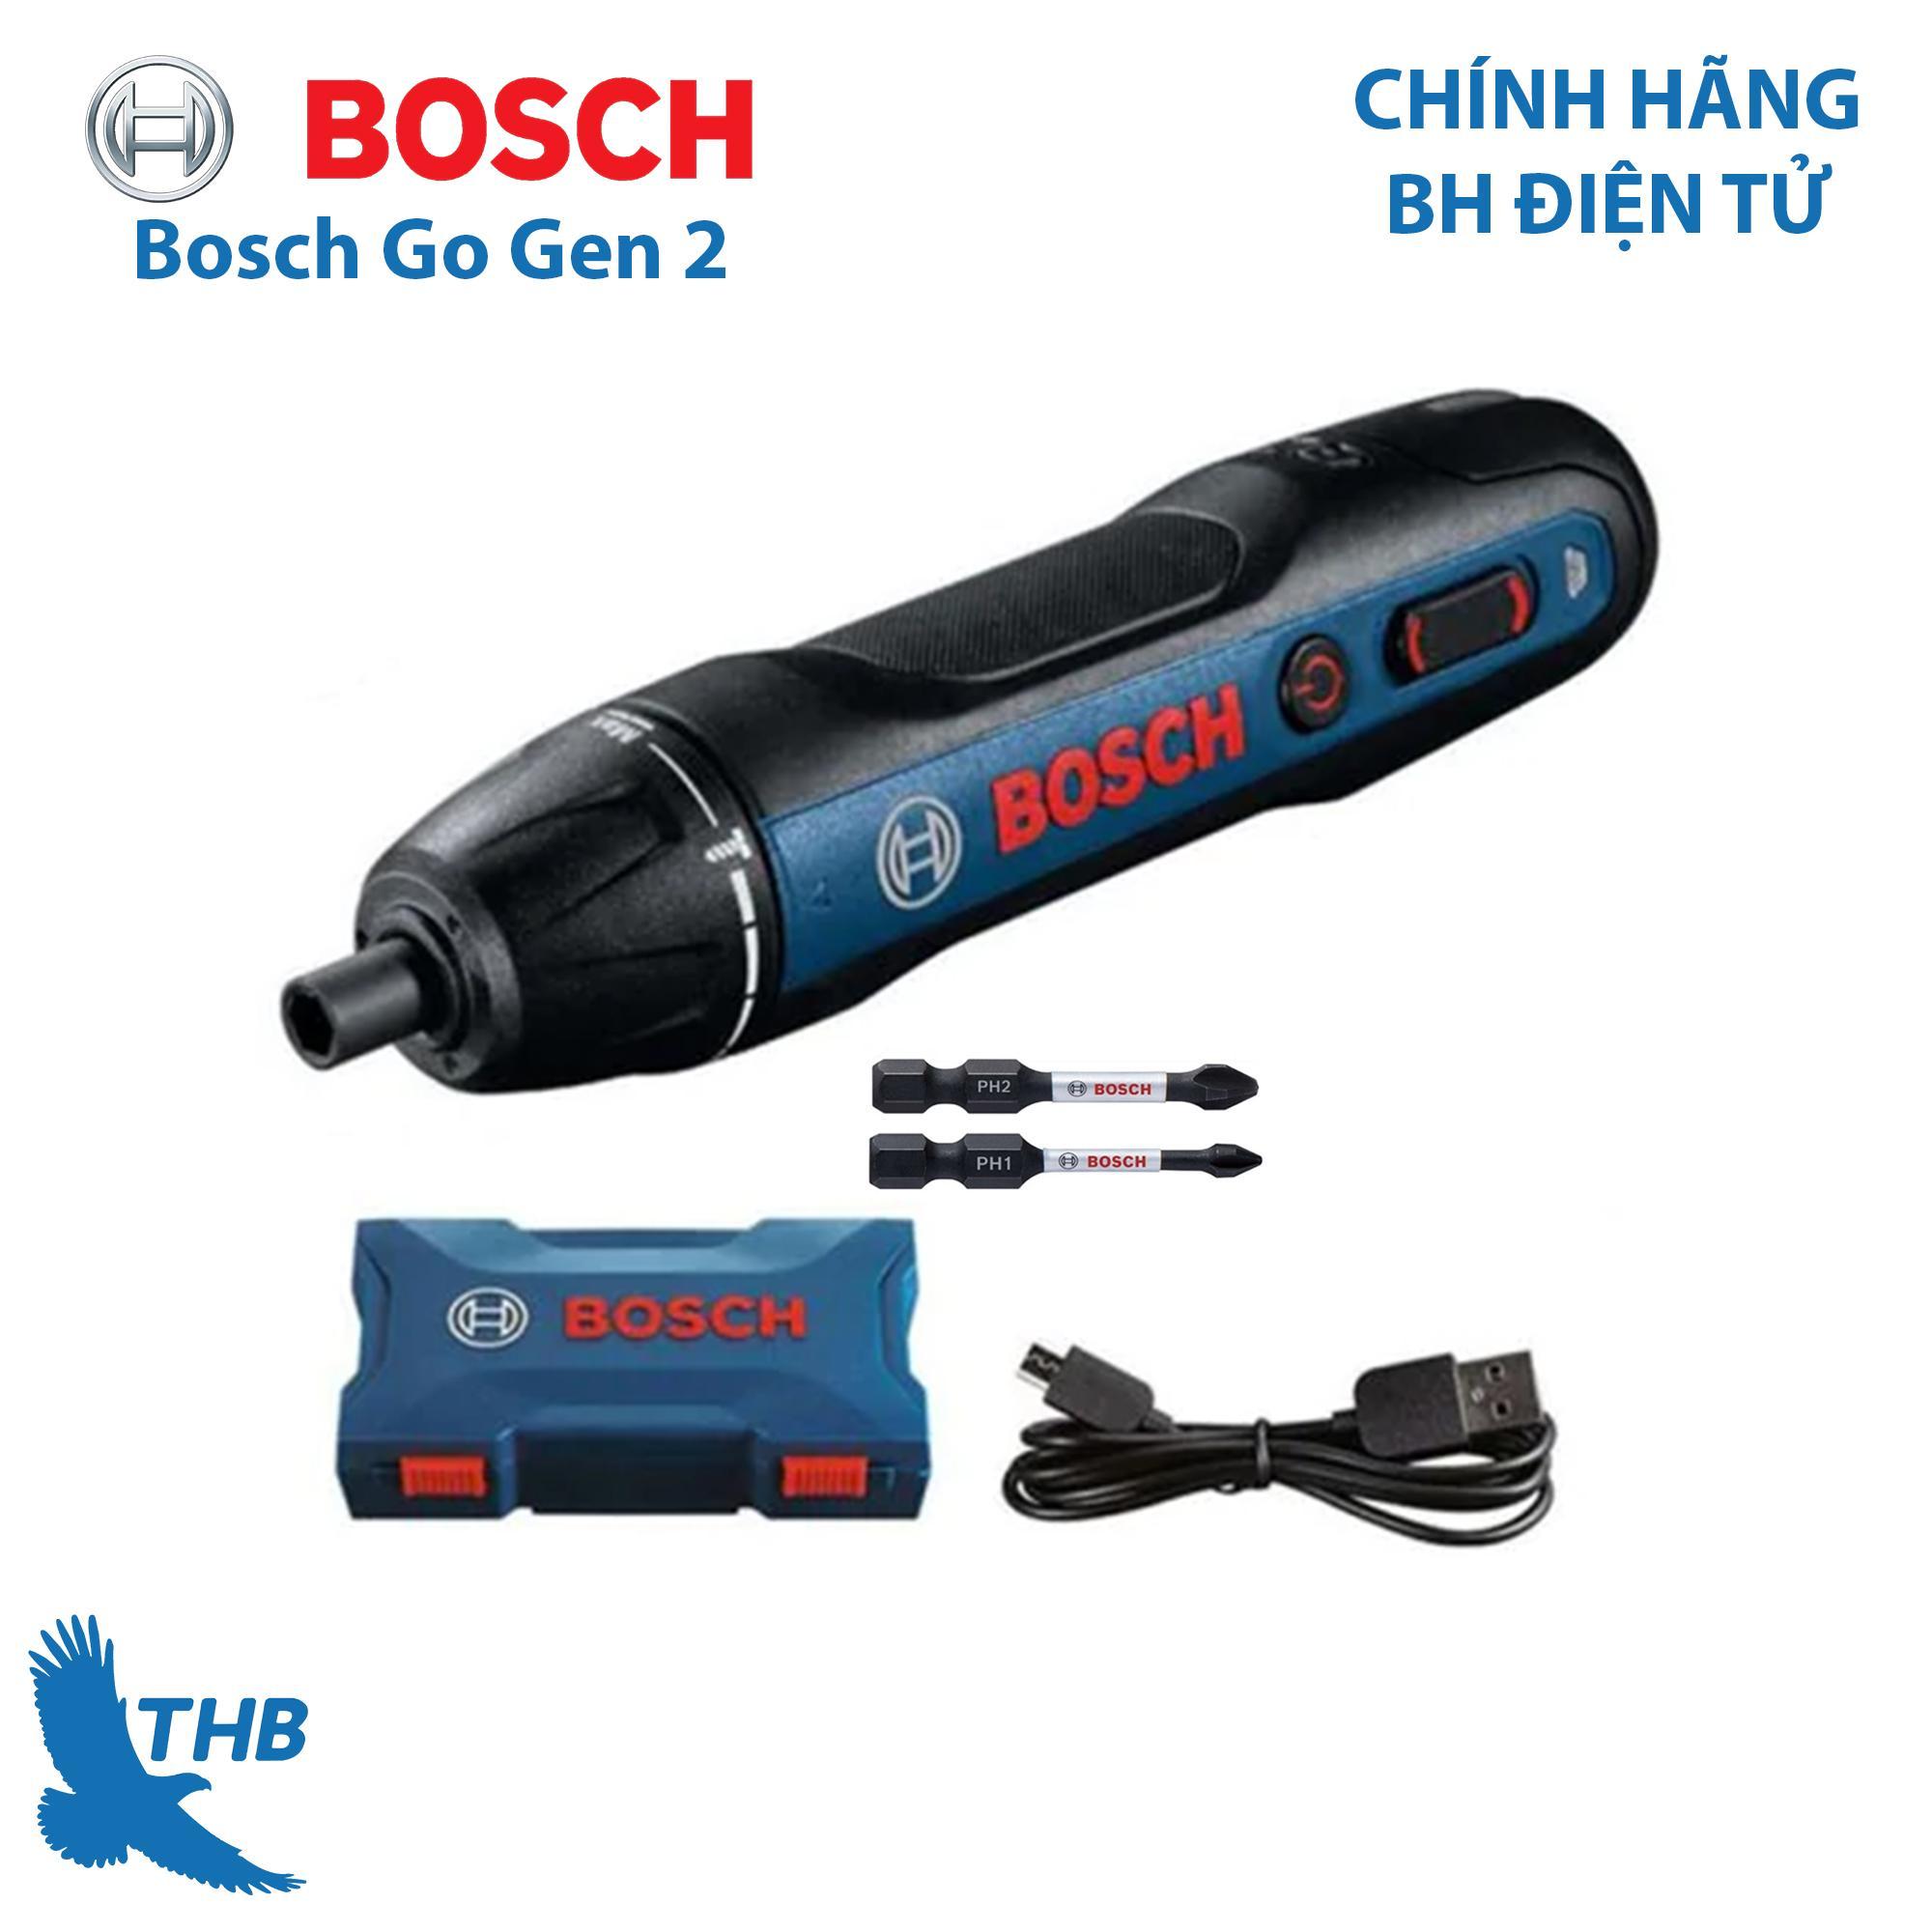 Máy vặn vít dùng pin Bosch Go Gen 2 - cải tiến thế hệ mới khắc phục nh.ược đ.iểm c.ũ